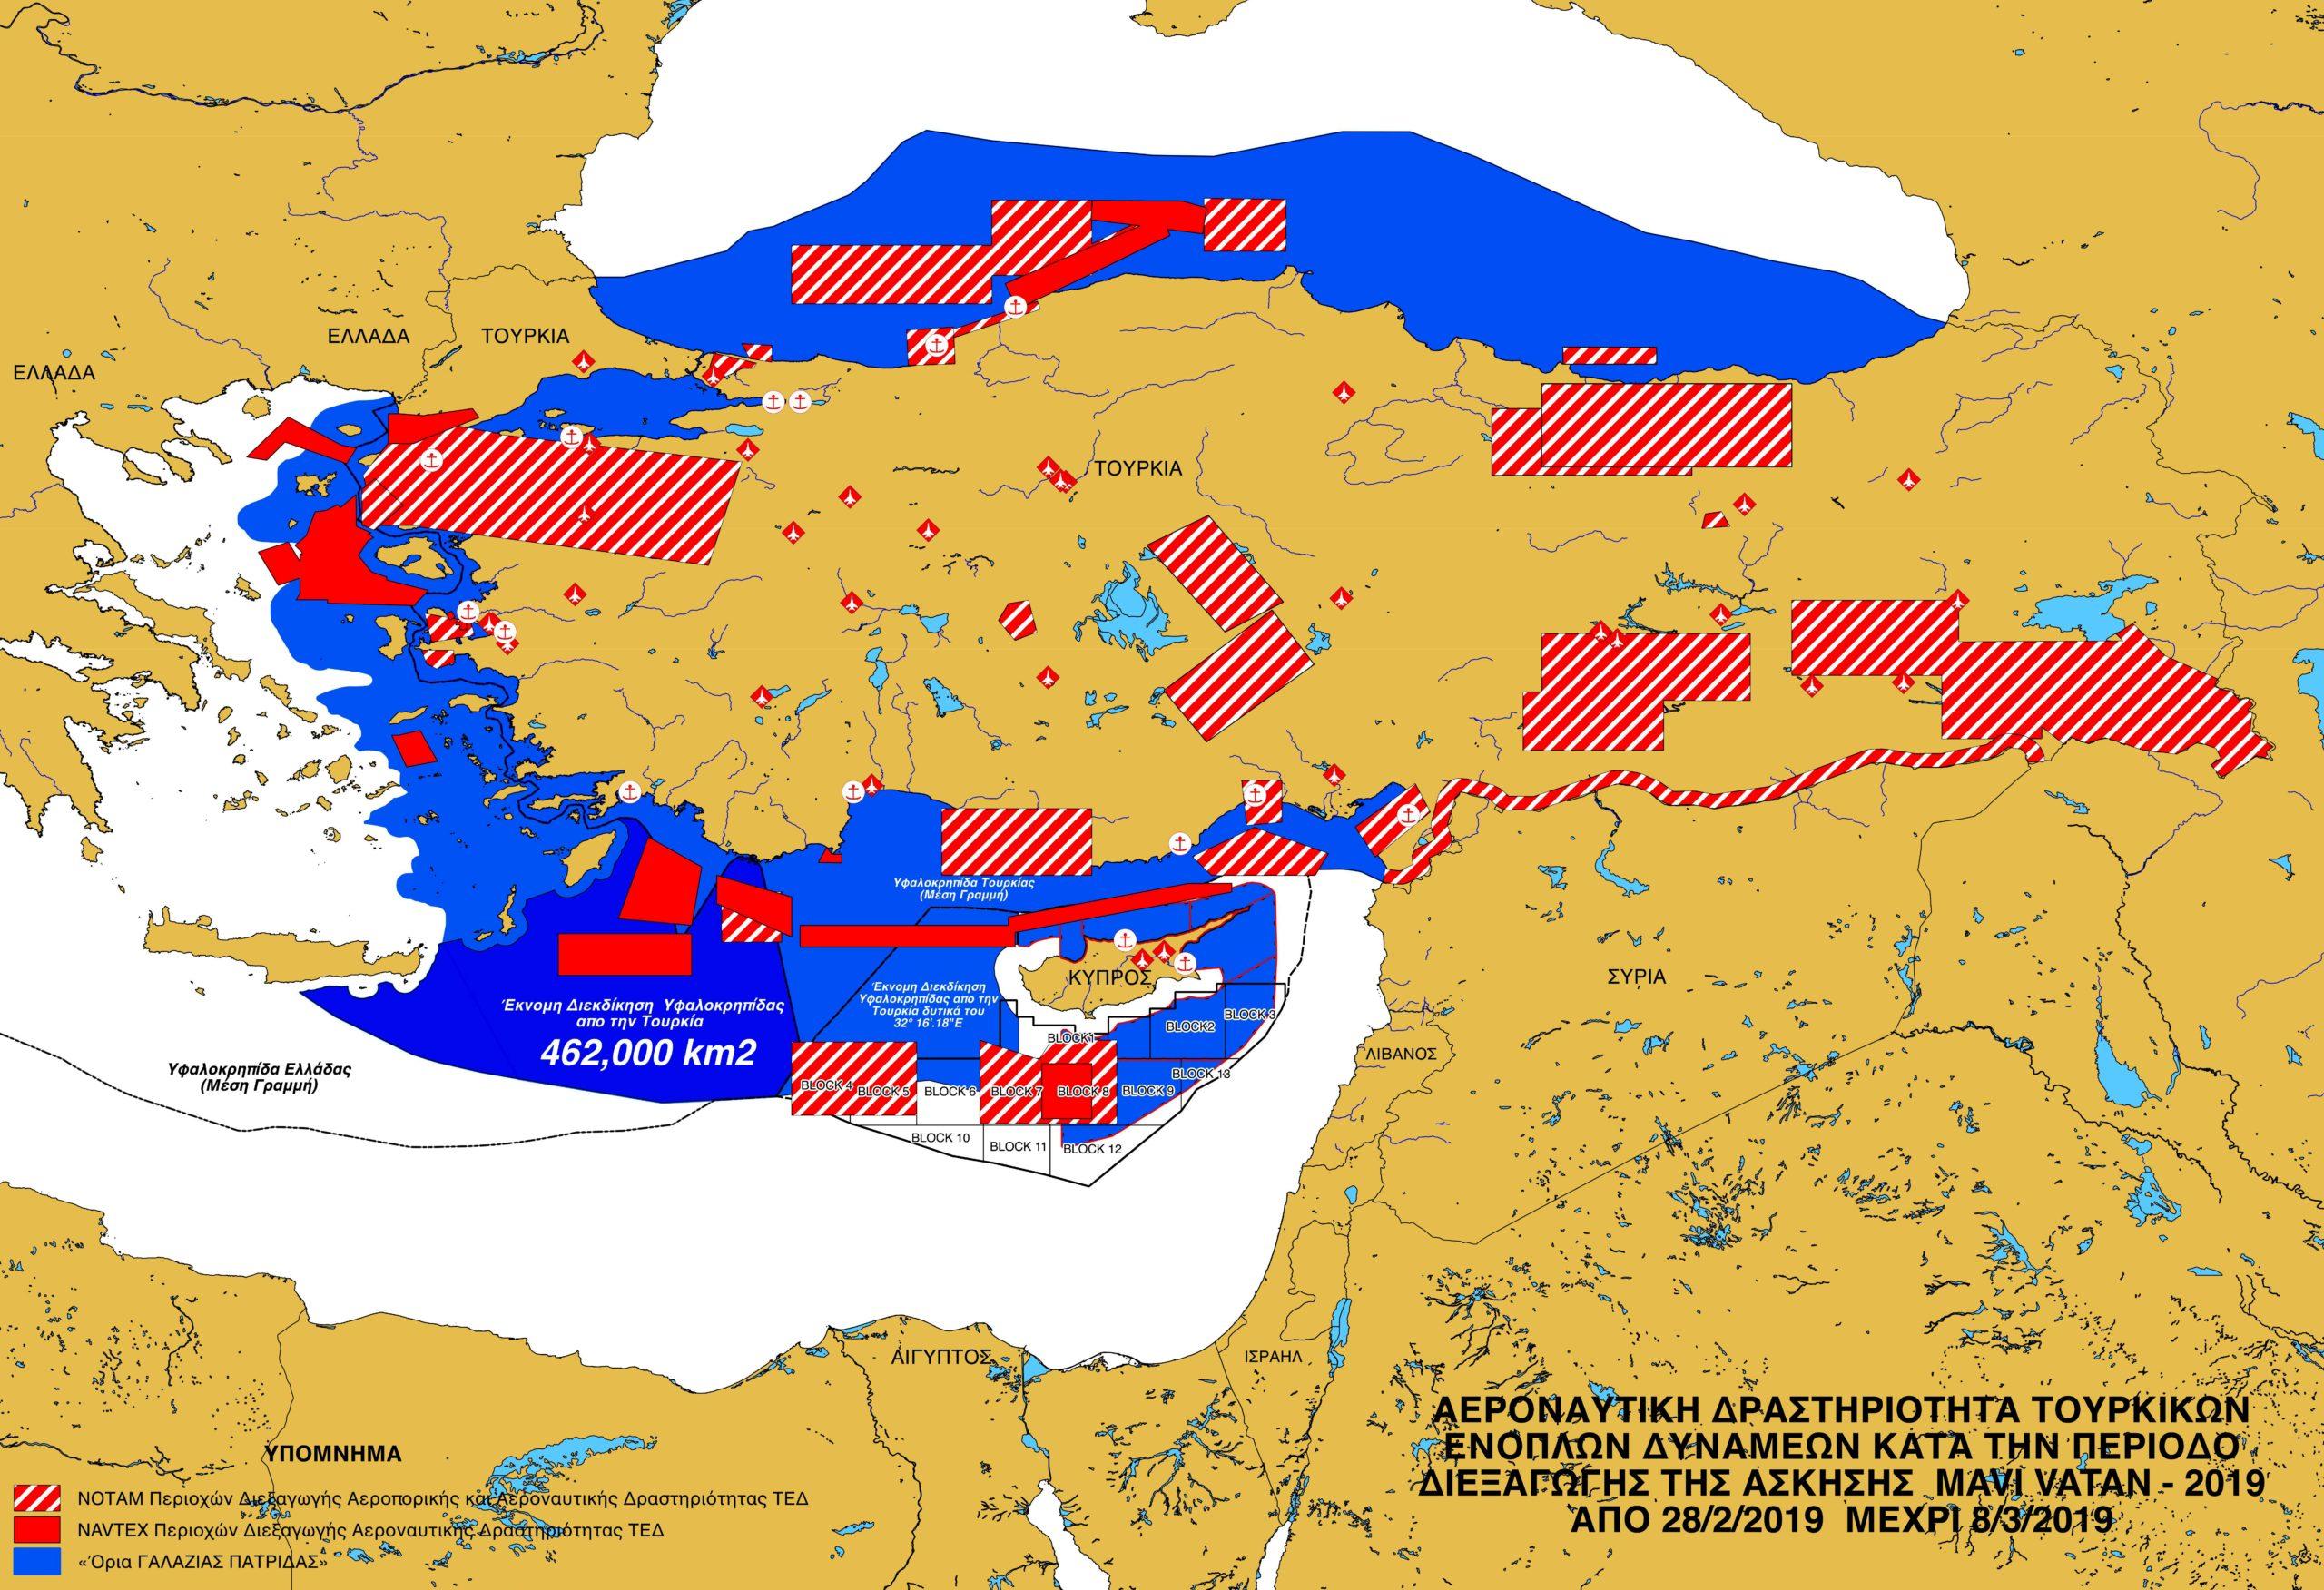 Κωνσταντίνος Νικολάου, Τι σημαίνει η απειλή εισβολής της Τουρκίας στην ελληνική ΑΟΖ – Το Τουρκο-Λυβικό μνημόνιο, οι έρευνες υδρογονανθράκων και οι δυνατότητες αντίδρασης